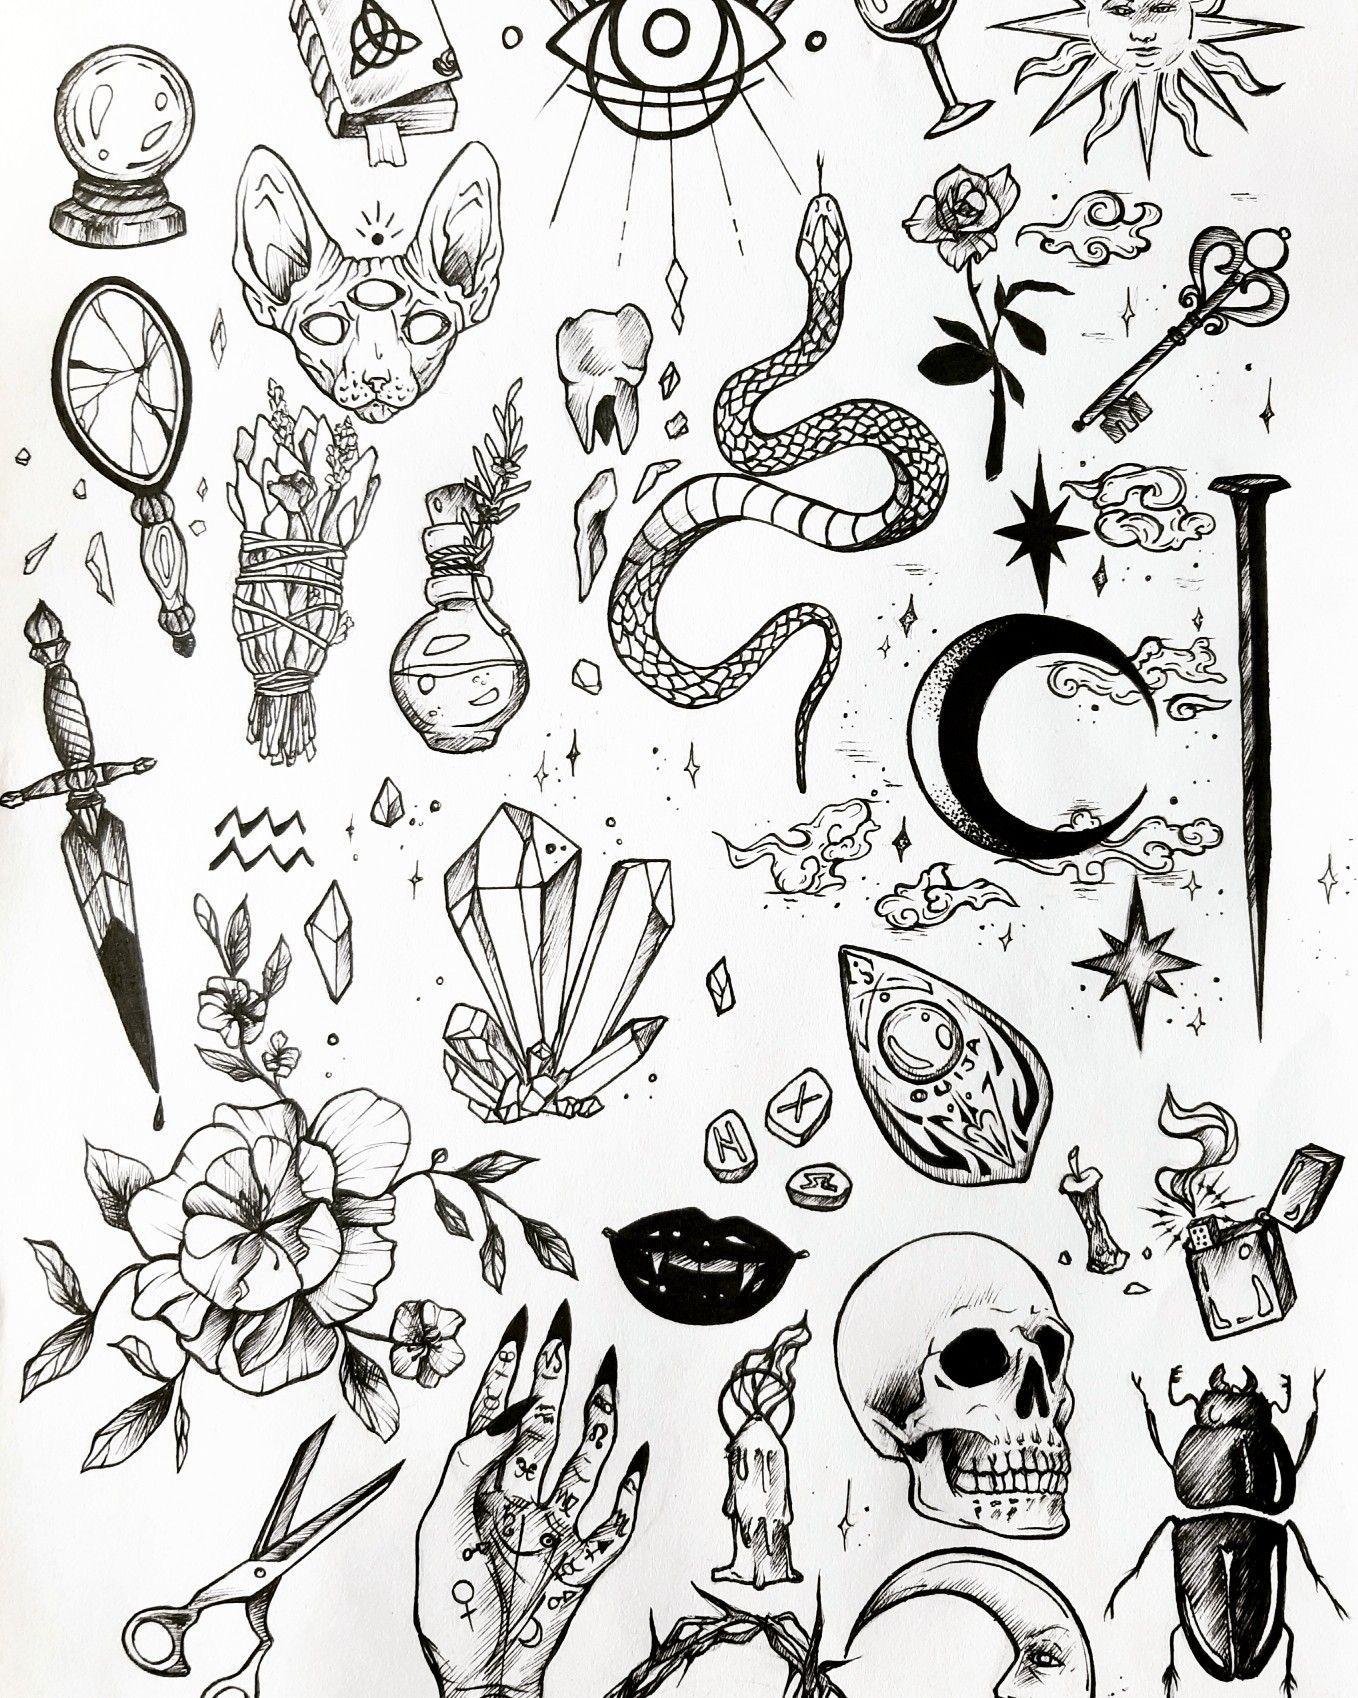 Borneo Tattoos Traditional Tattoo Flash Tattoo Flash Wall Skull Tattoo Flash Mermaid Tattoo Flash Beetlejuic In 2020 Tattoo Flash Sheet Witch Tattoo Tattoo Flash Art